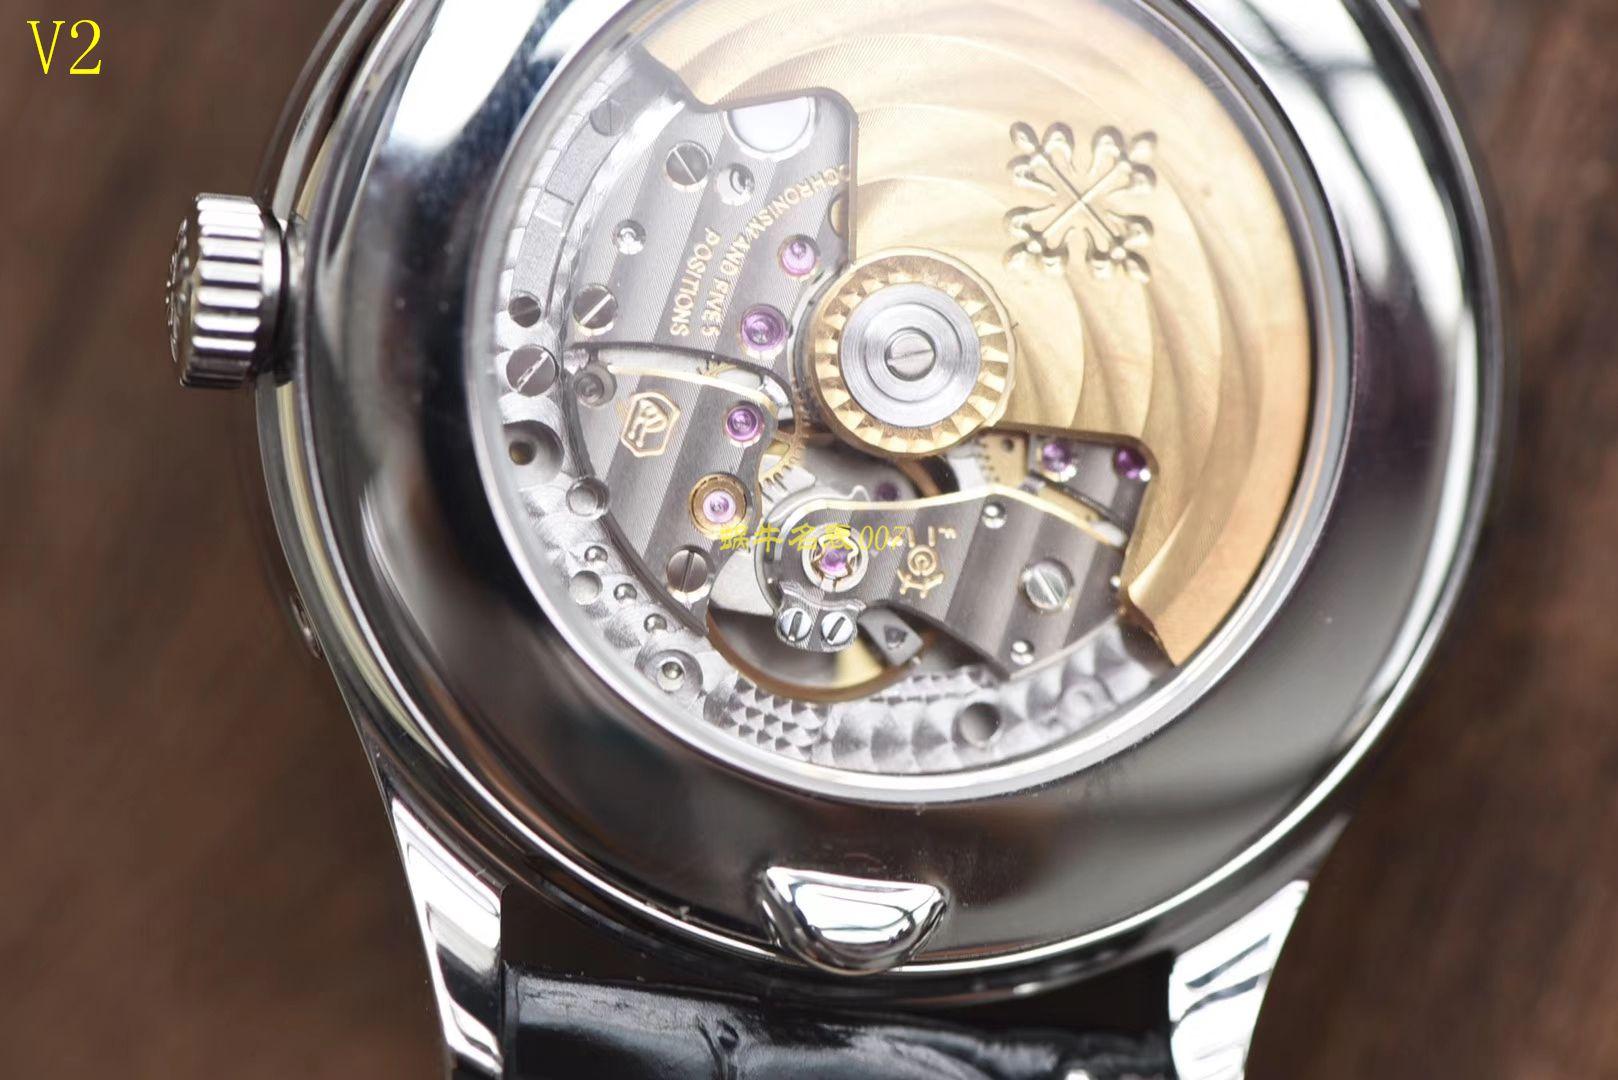 【台湾厂一比一超A精仿手表】百达翡丽复杂功能计时系列5396G 白金男表 / BD168